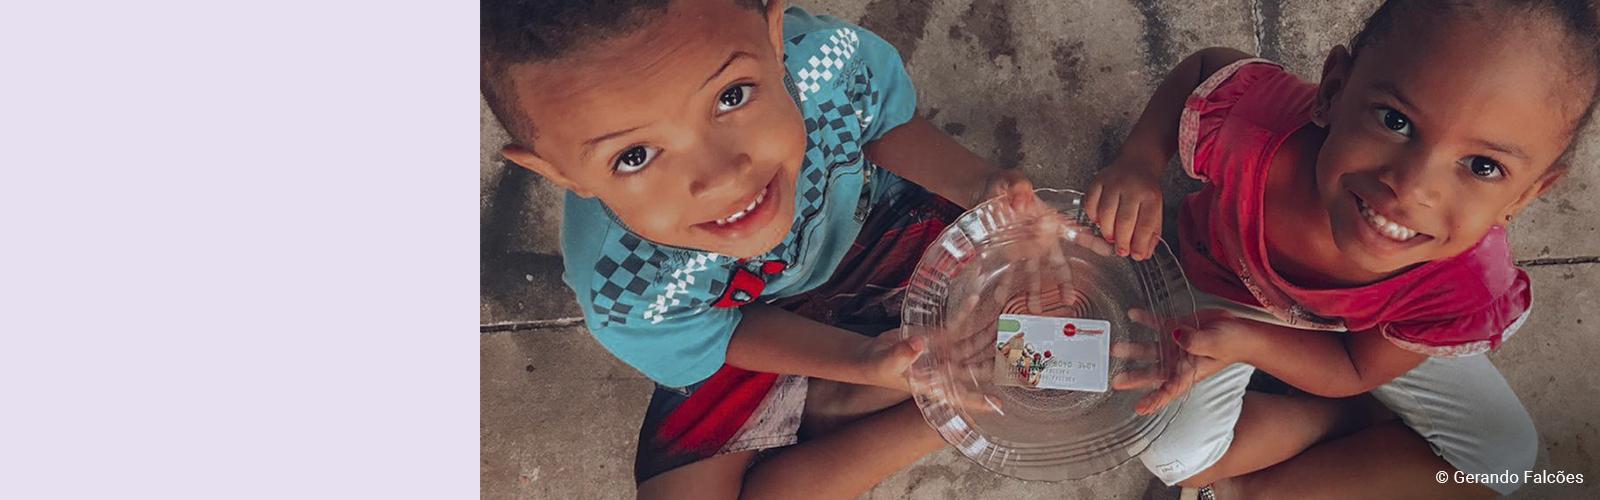 Imagem de duas crianças sentadas no chão, sorrindo e olhando para cima enquanto seguram um prato de vidro com um cartão de alimentação dentro dele.